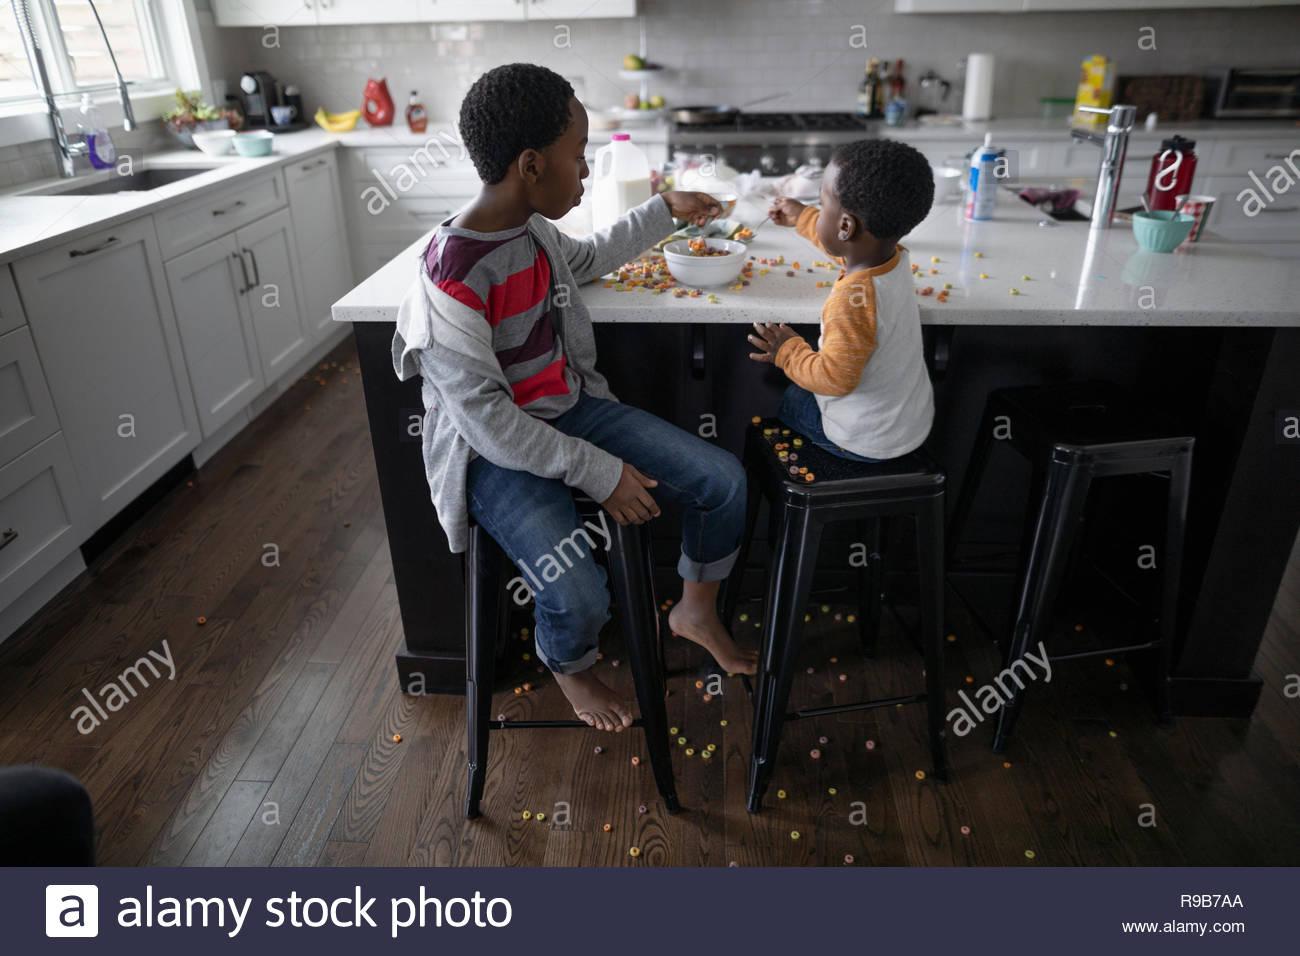 Frères malpropre manger des céréales à l'île de cuisine Photo Stock